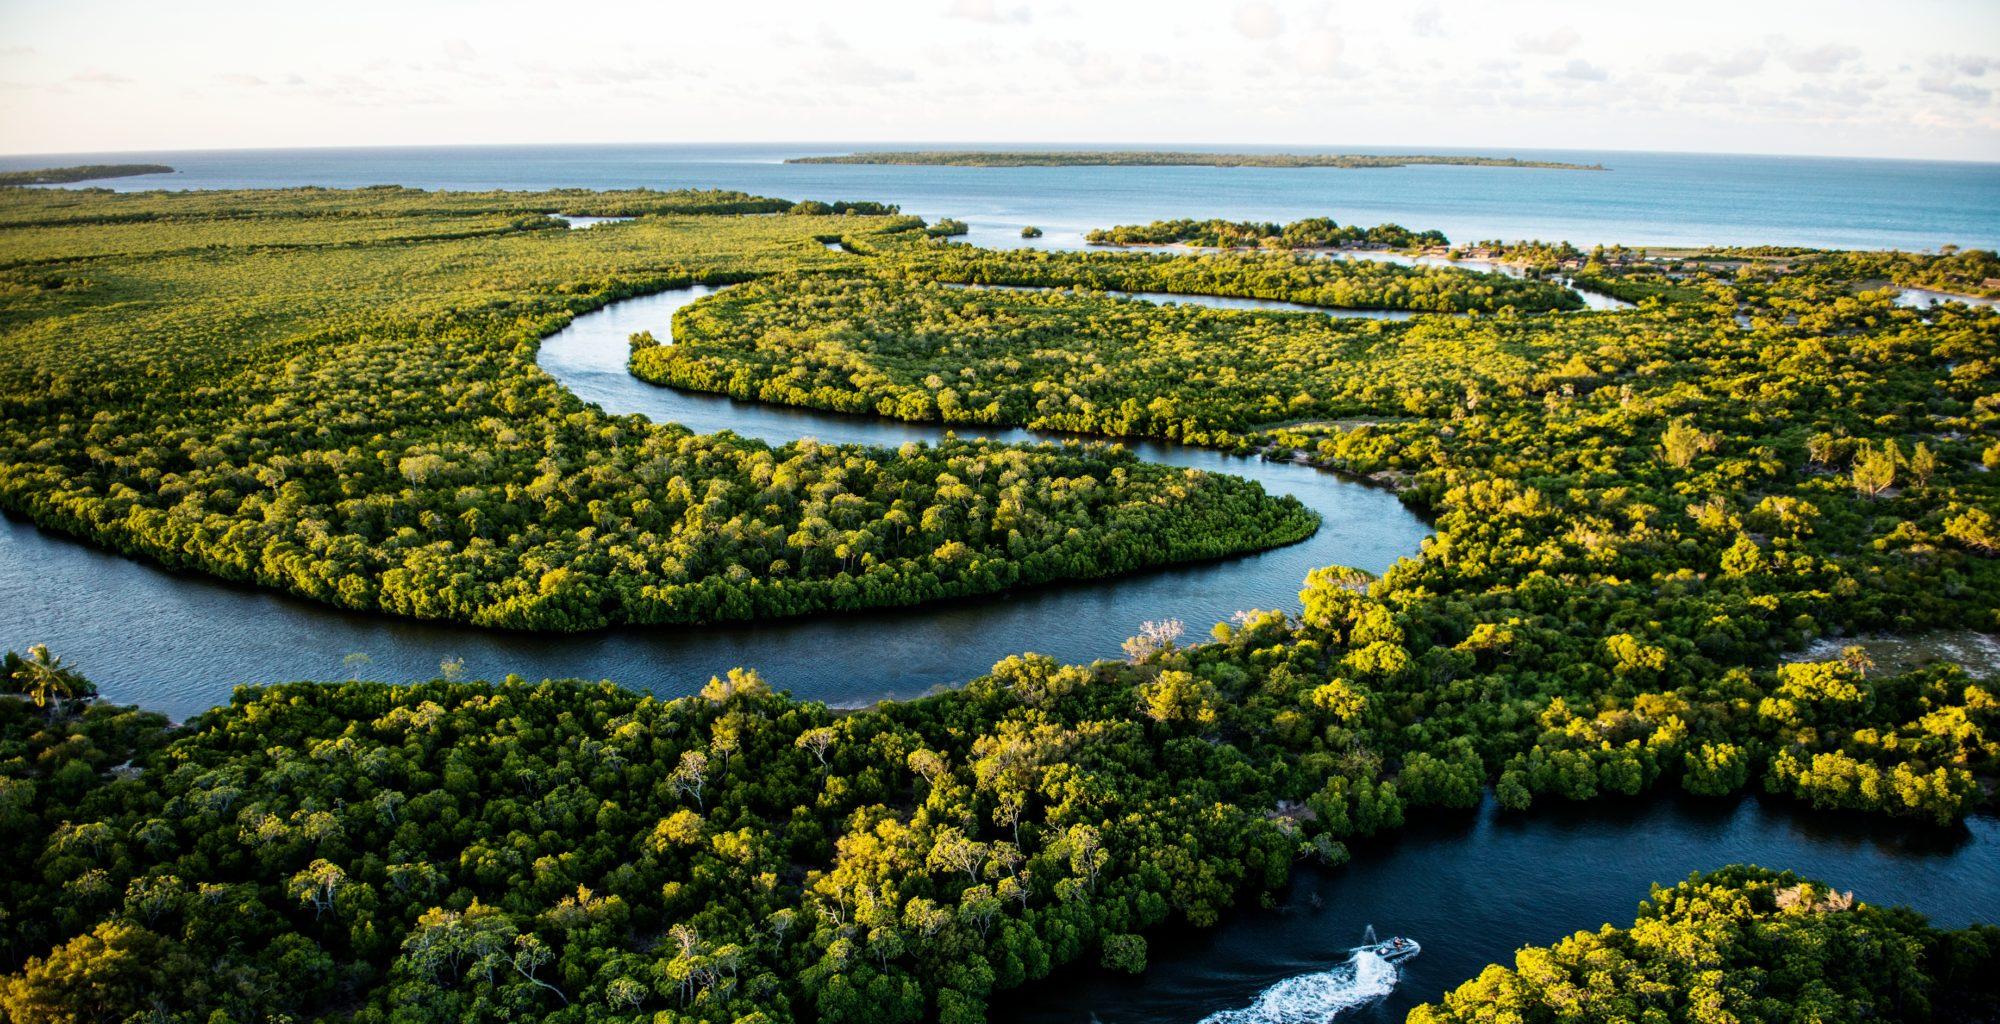 Madagascar-River-Aerial